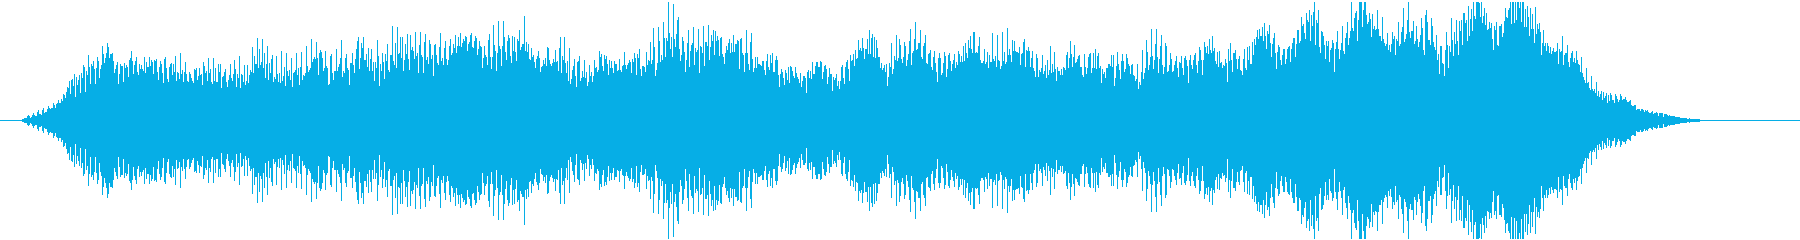 ボワァァン(登場音) 長めの再生済みの波形